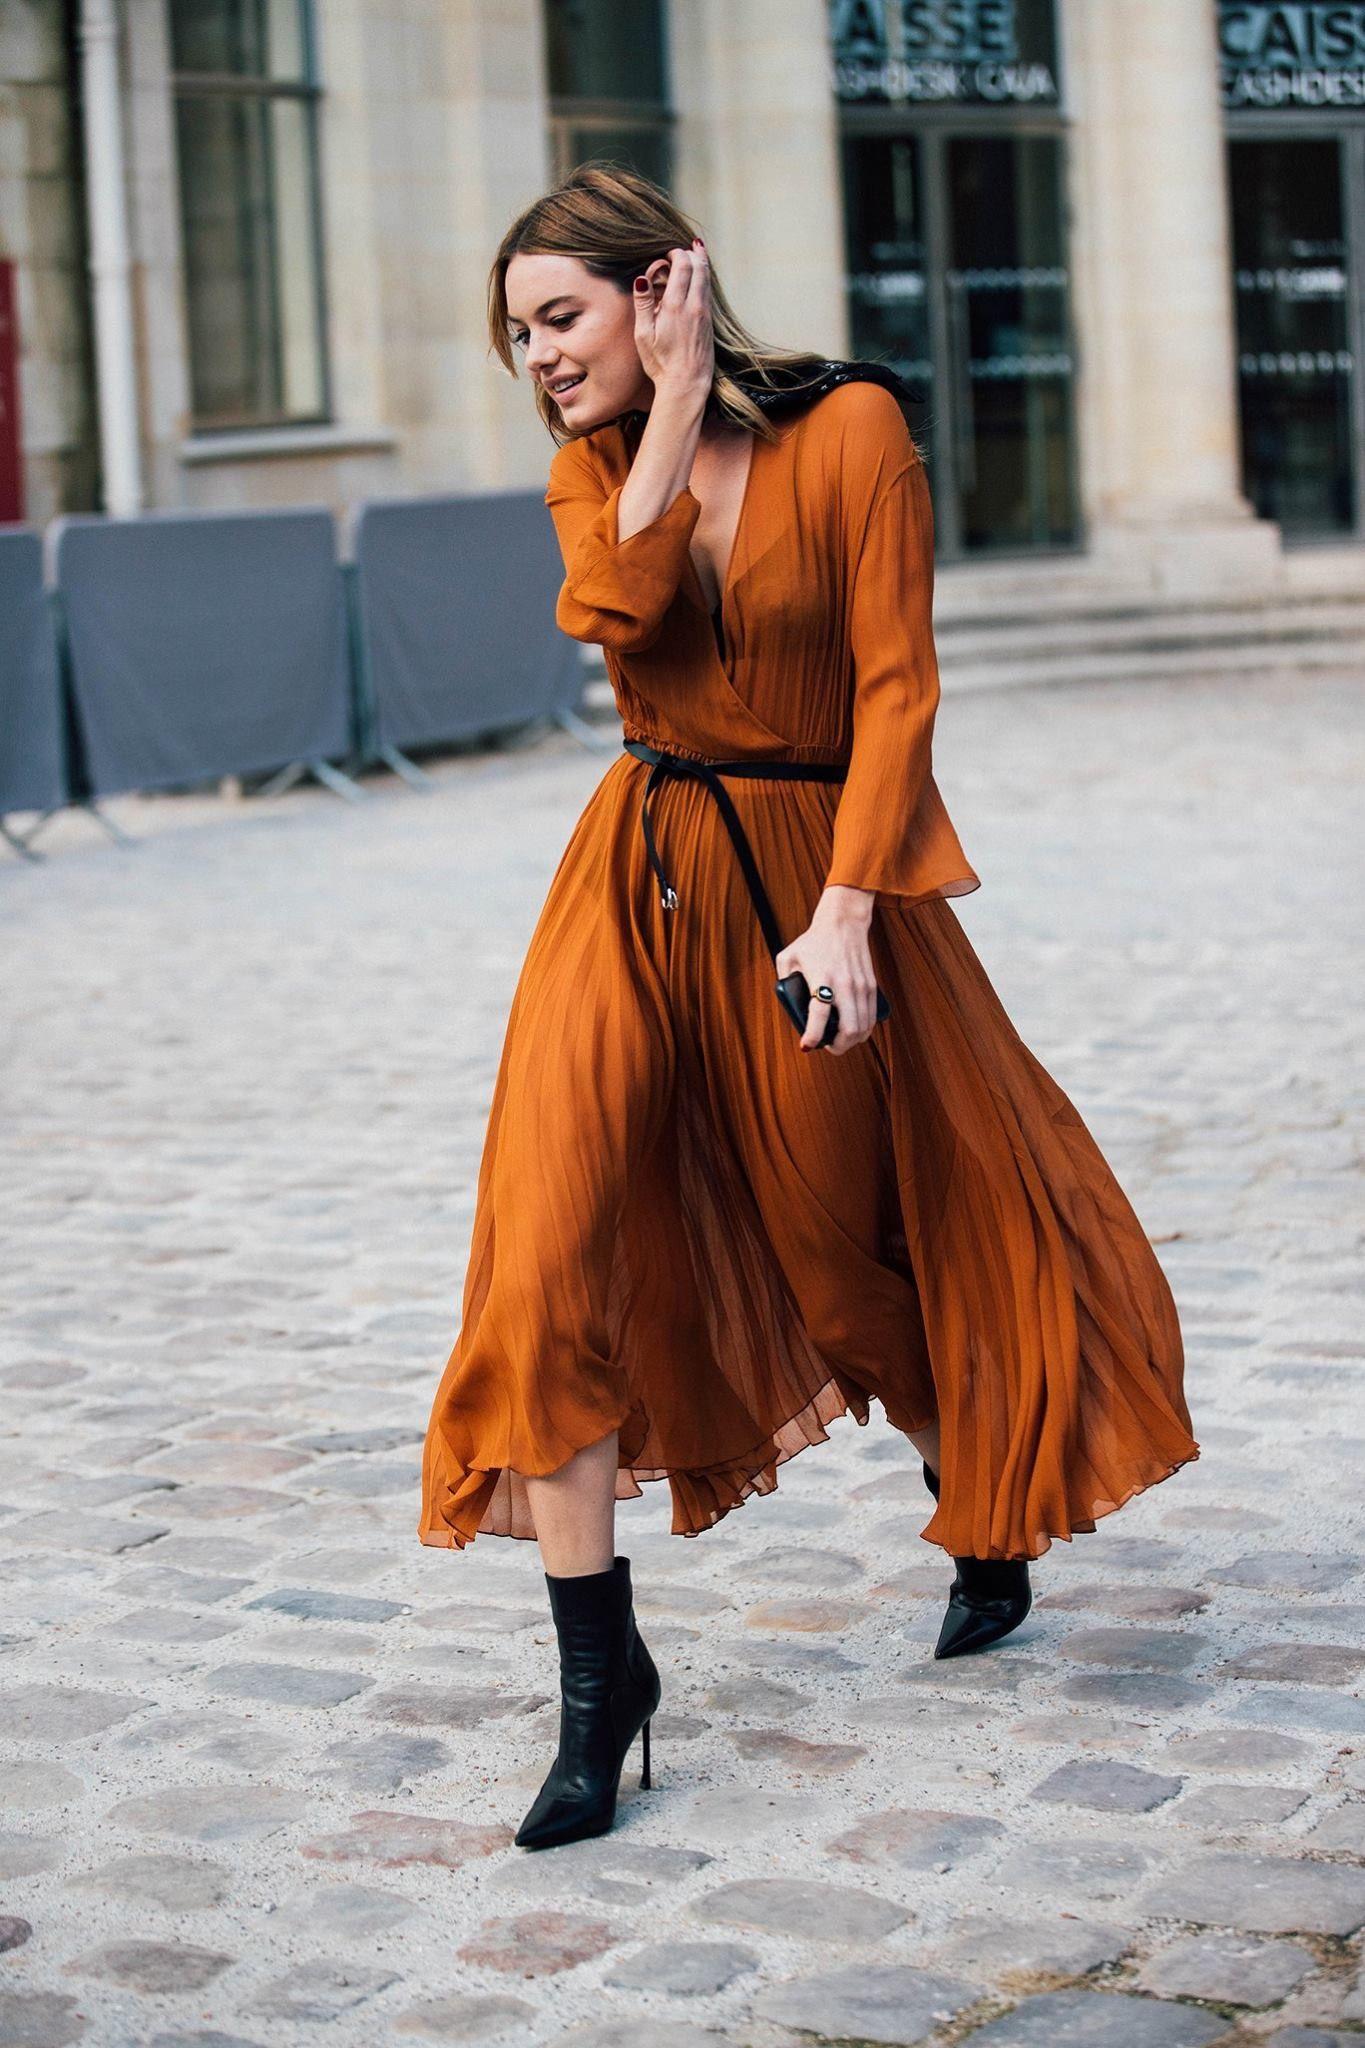 đầm màu cam và boots đen